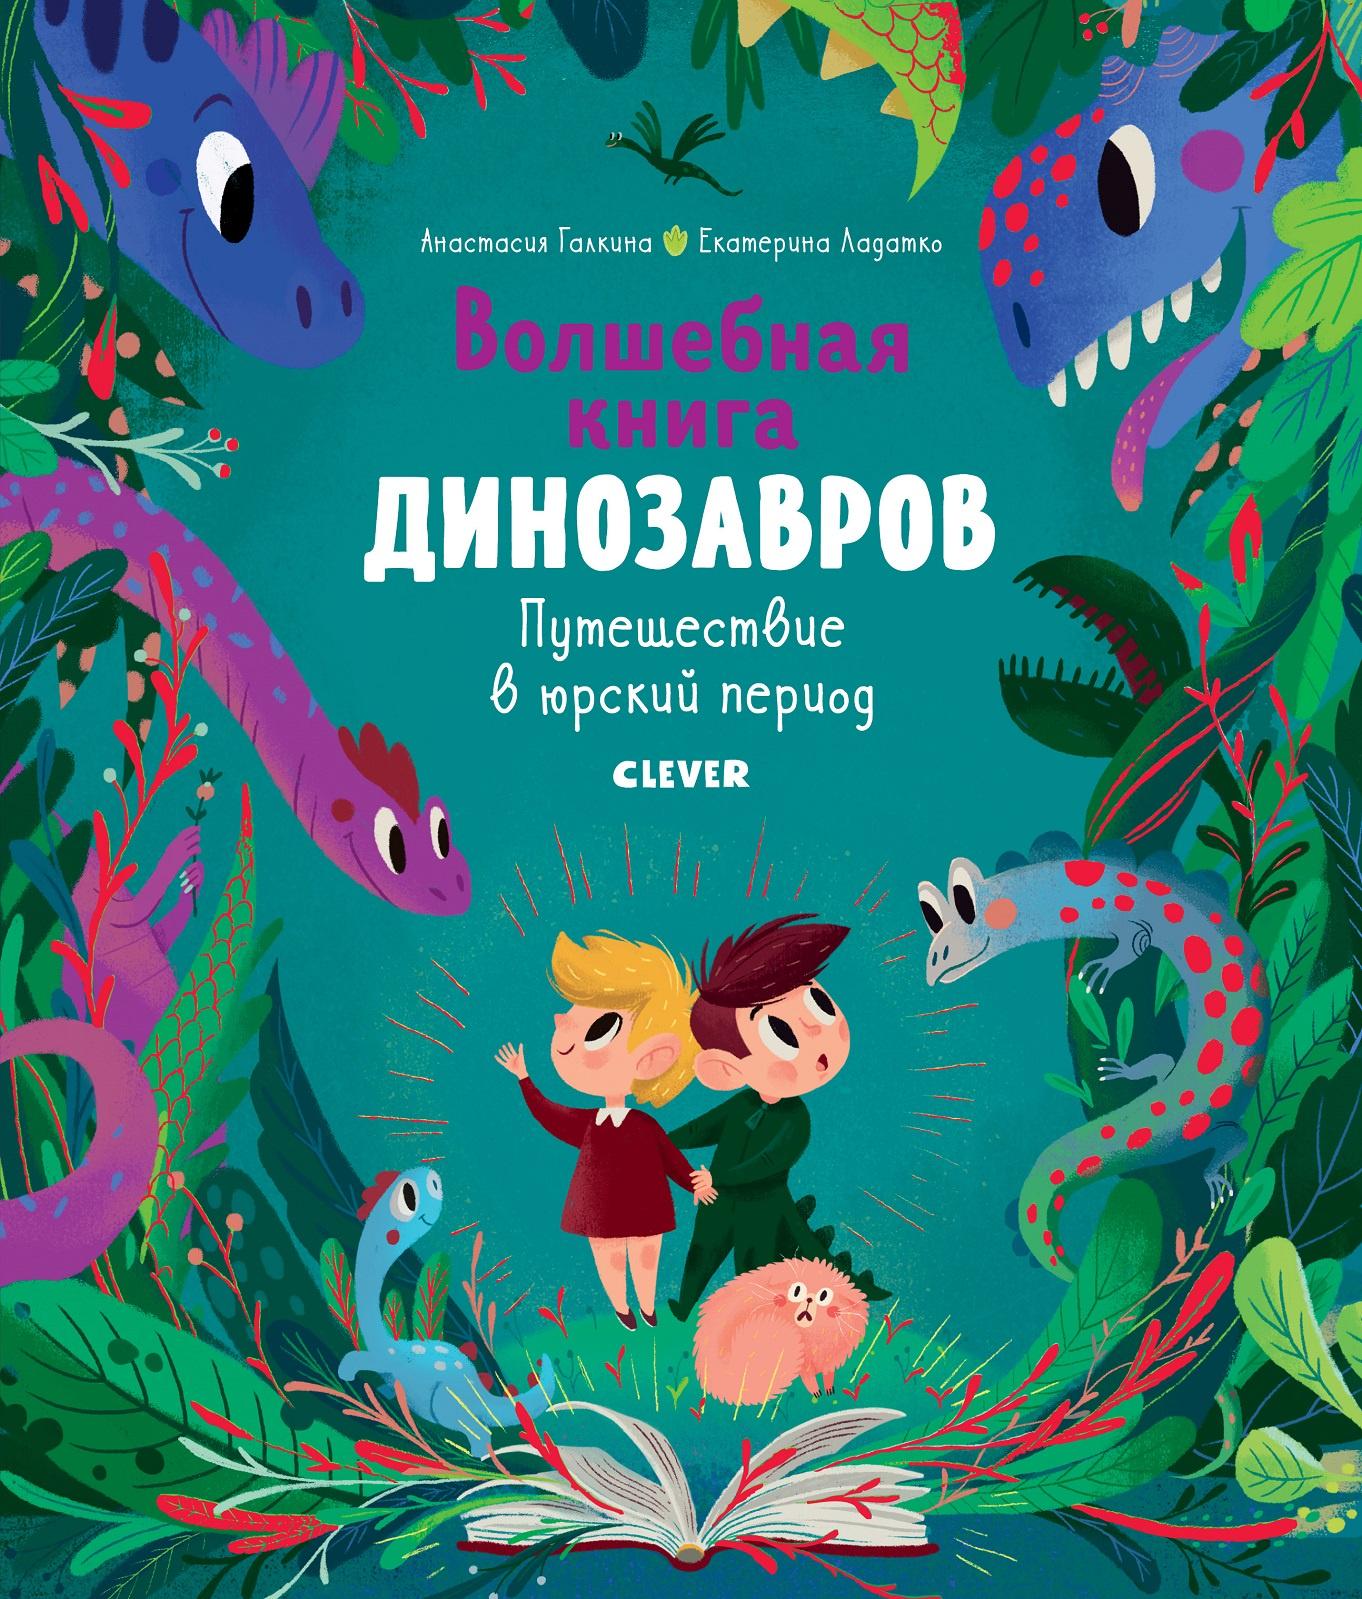 В гостях у динозавров. Волшебная книга динозавров. Путешествие в юрский период